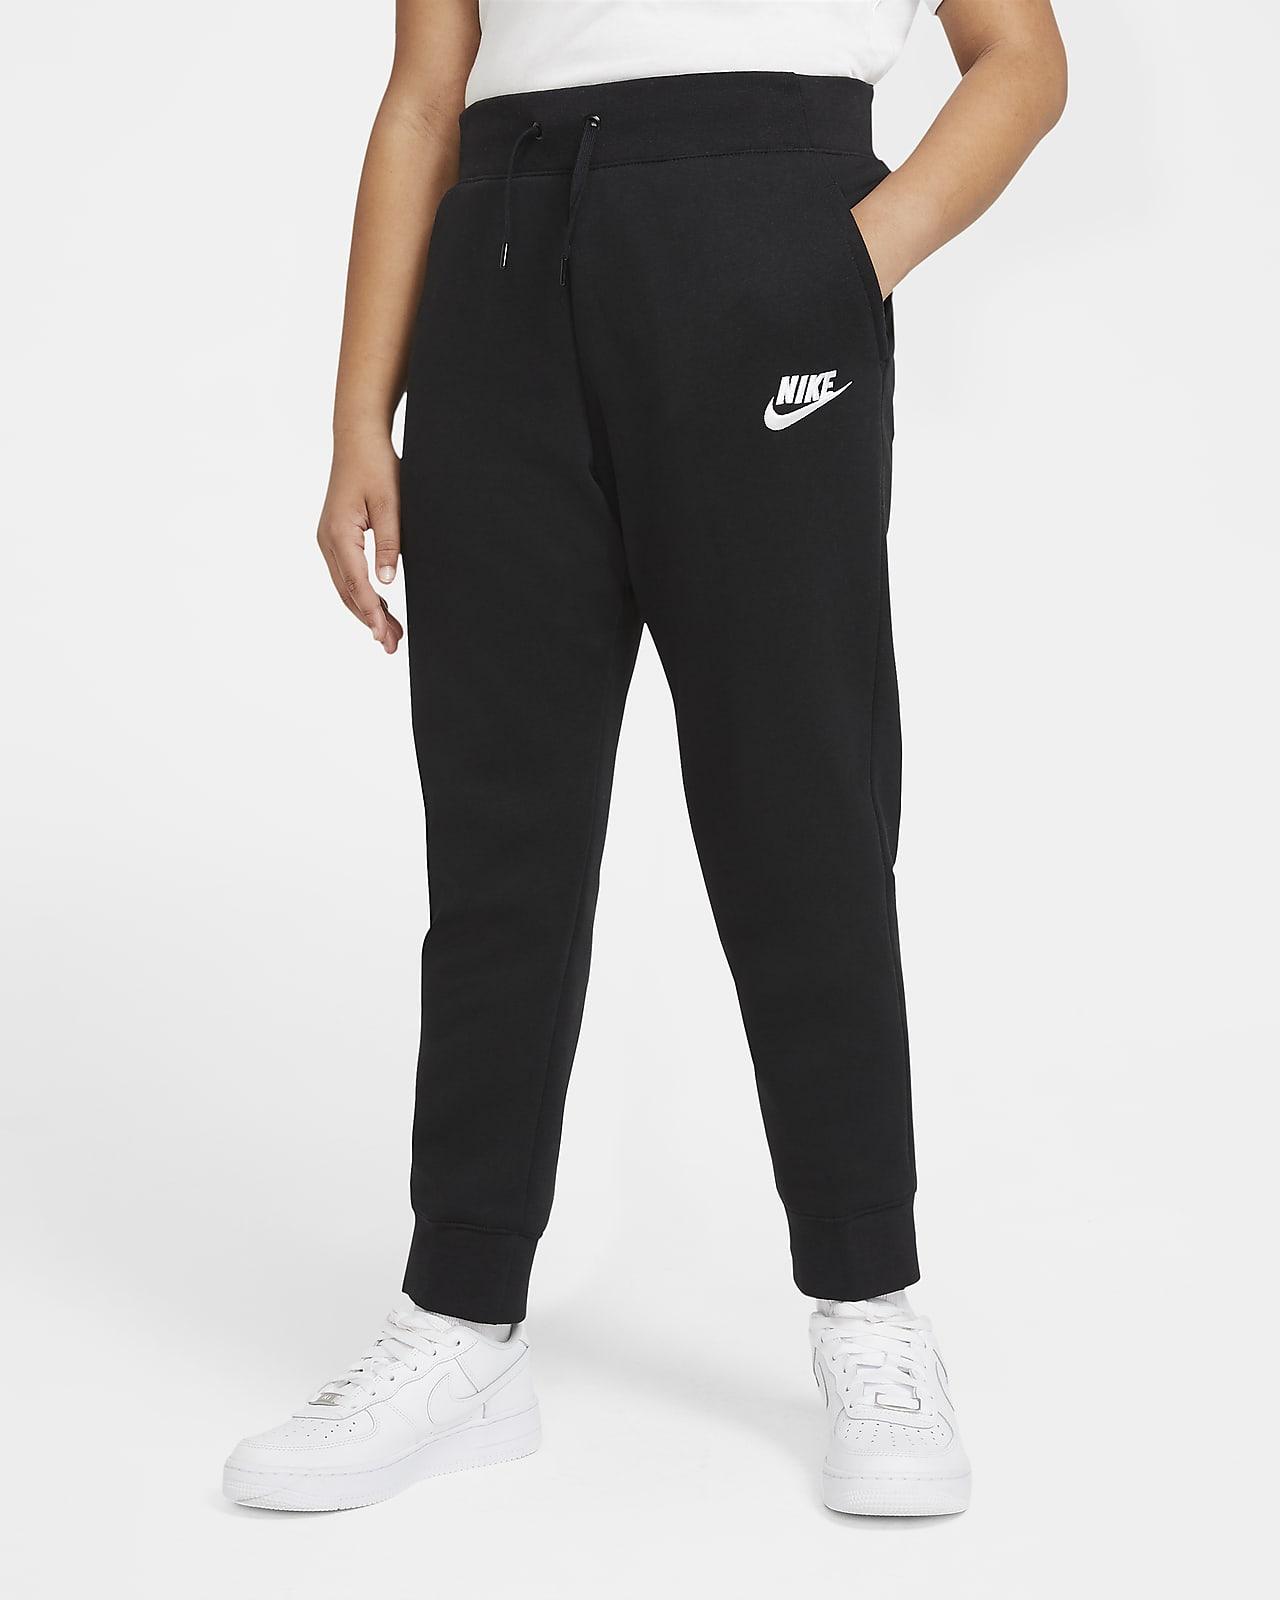 Pantalon Nike Sportswear pour Fille plus âgée (taille étendue)